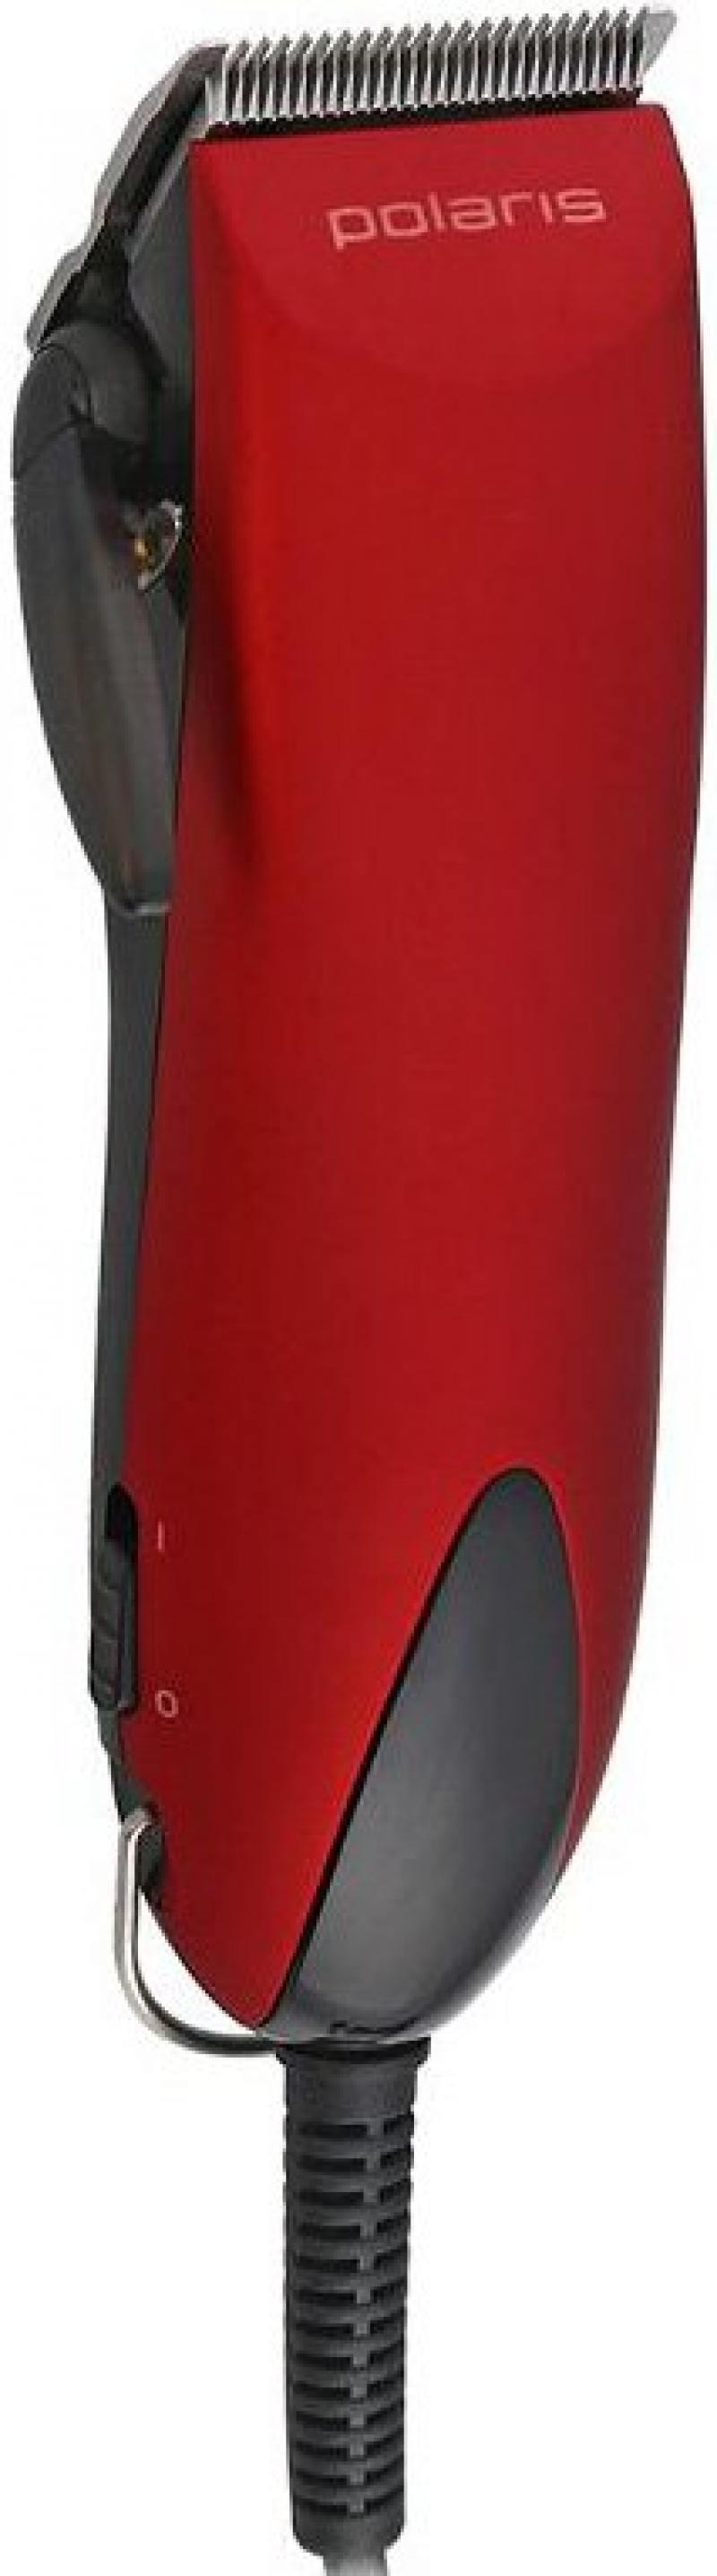 Машинка для стрижки волос Polaris PHC 2501 красный триммер polaris phc 2501 красный